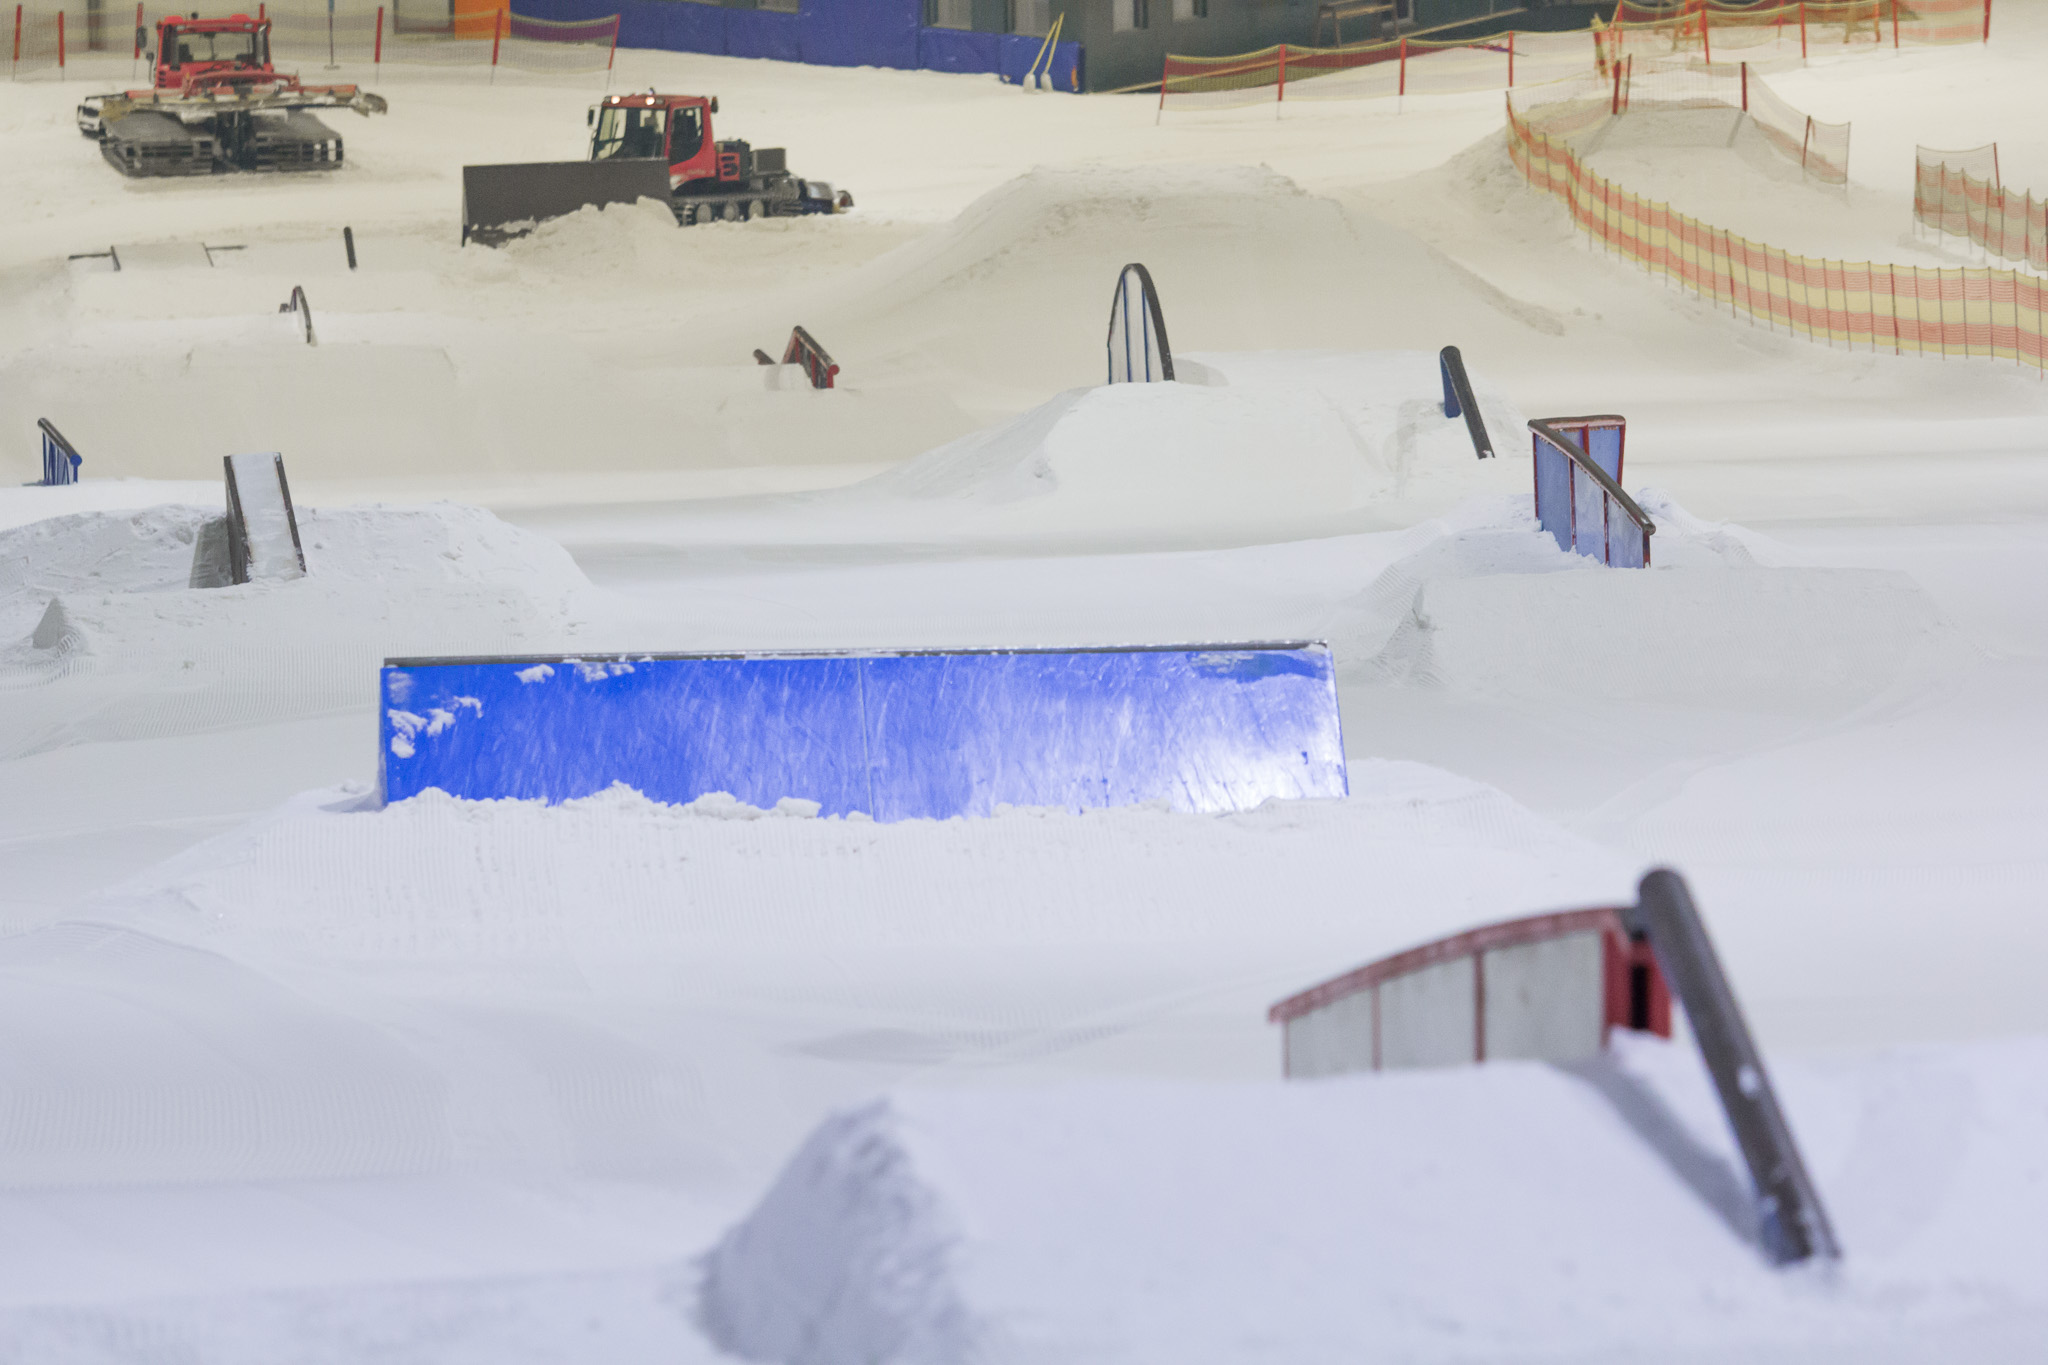 Der weltweit größte Indoor Snowpark steht in Deutschland im Snow Dome Bispingen